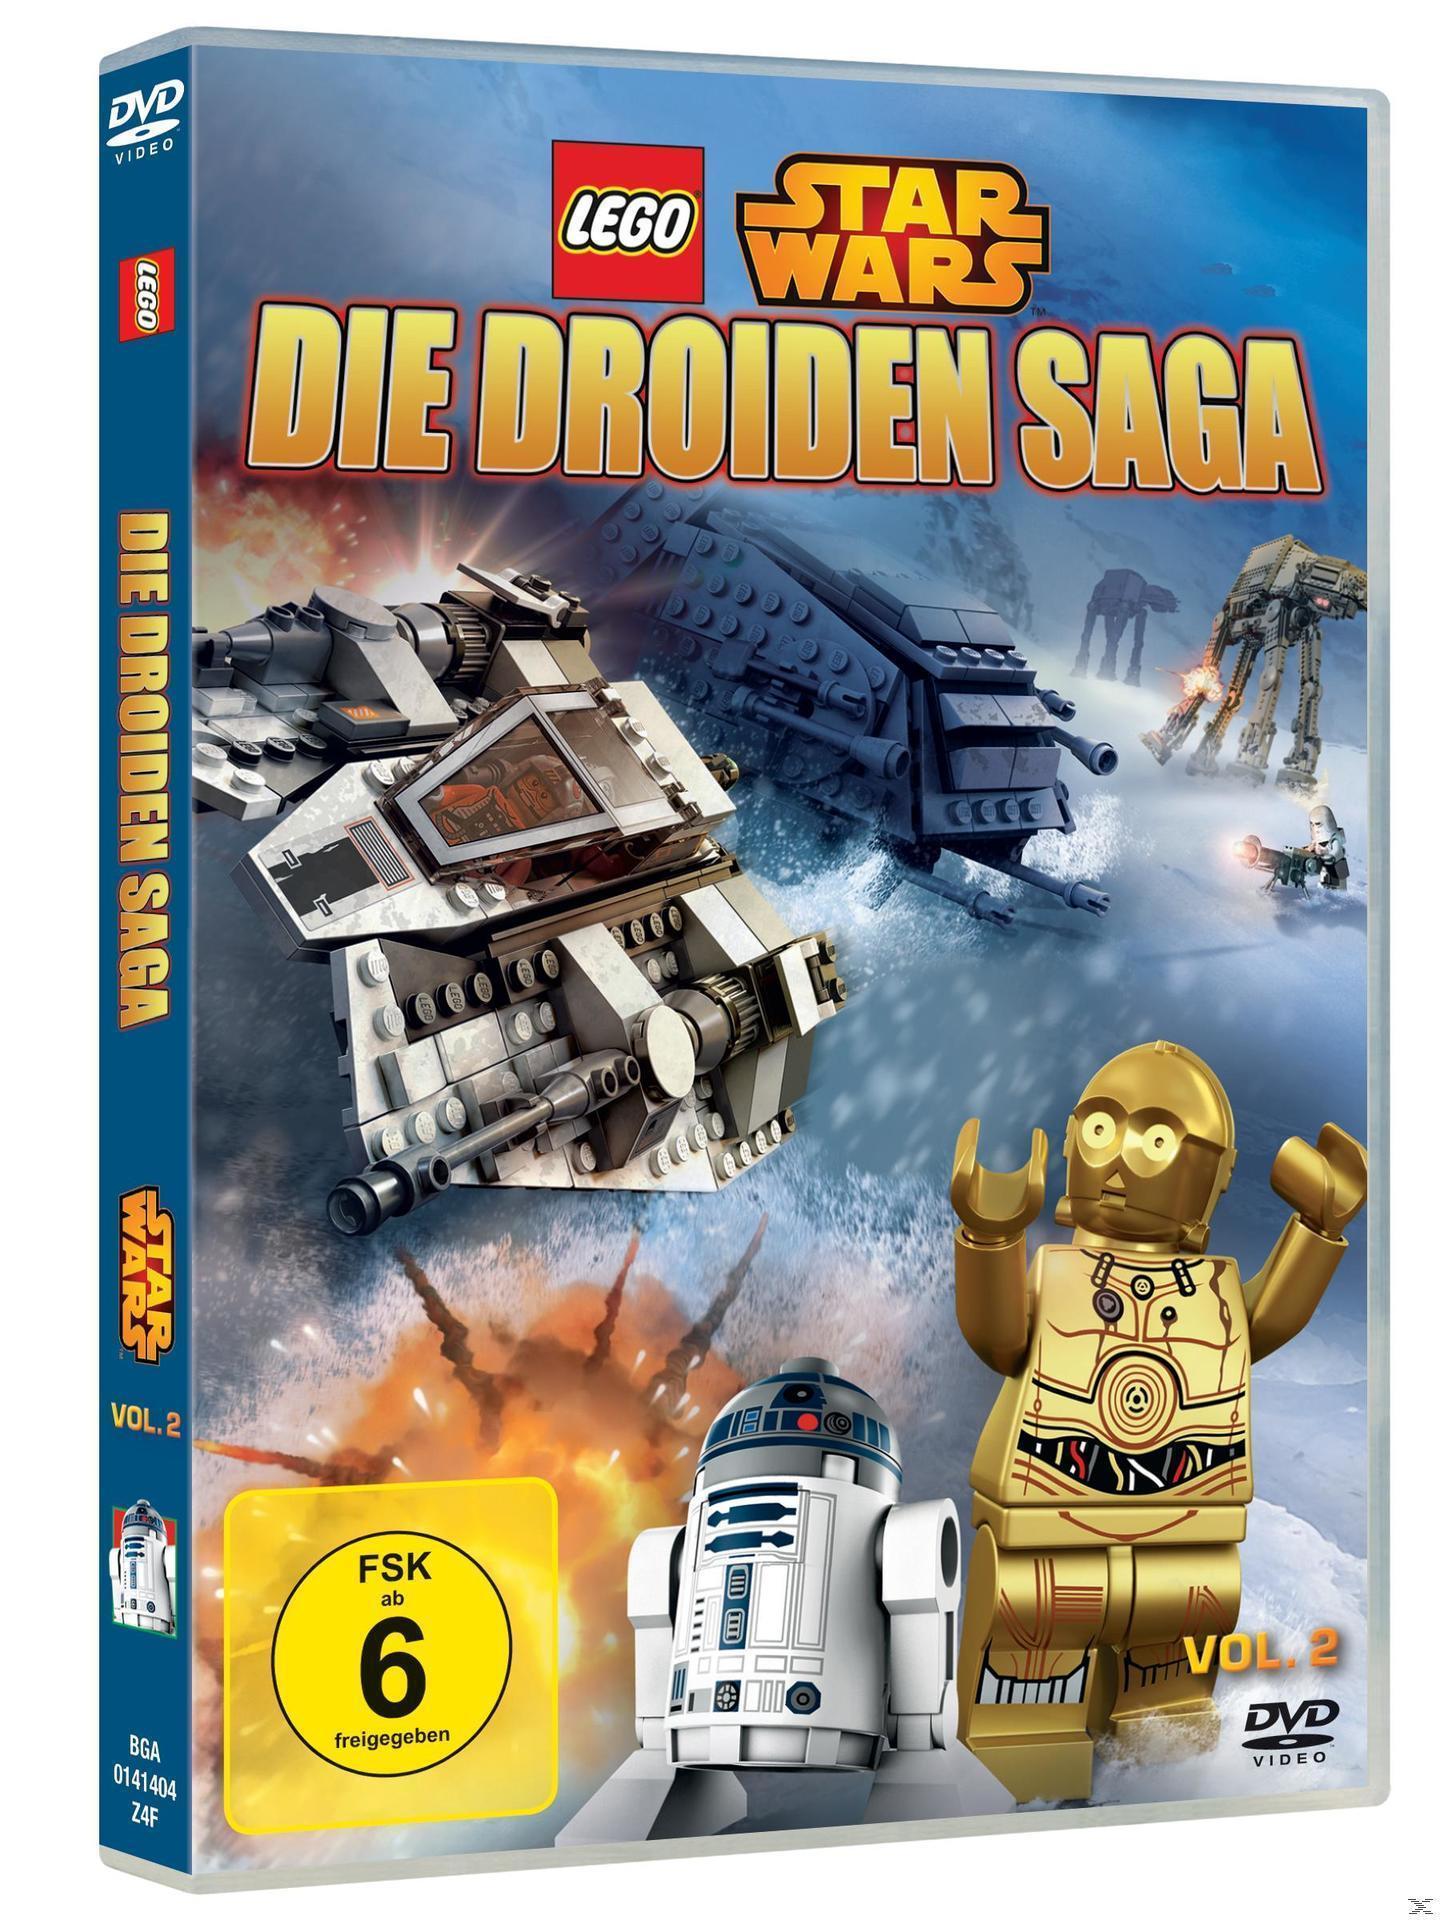 Lego Star Wars - Die Droiden Saga - Vol. 2 (DVD) für 8,99 Euro